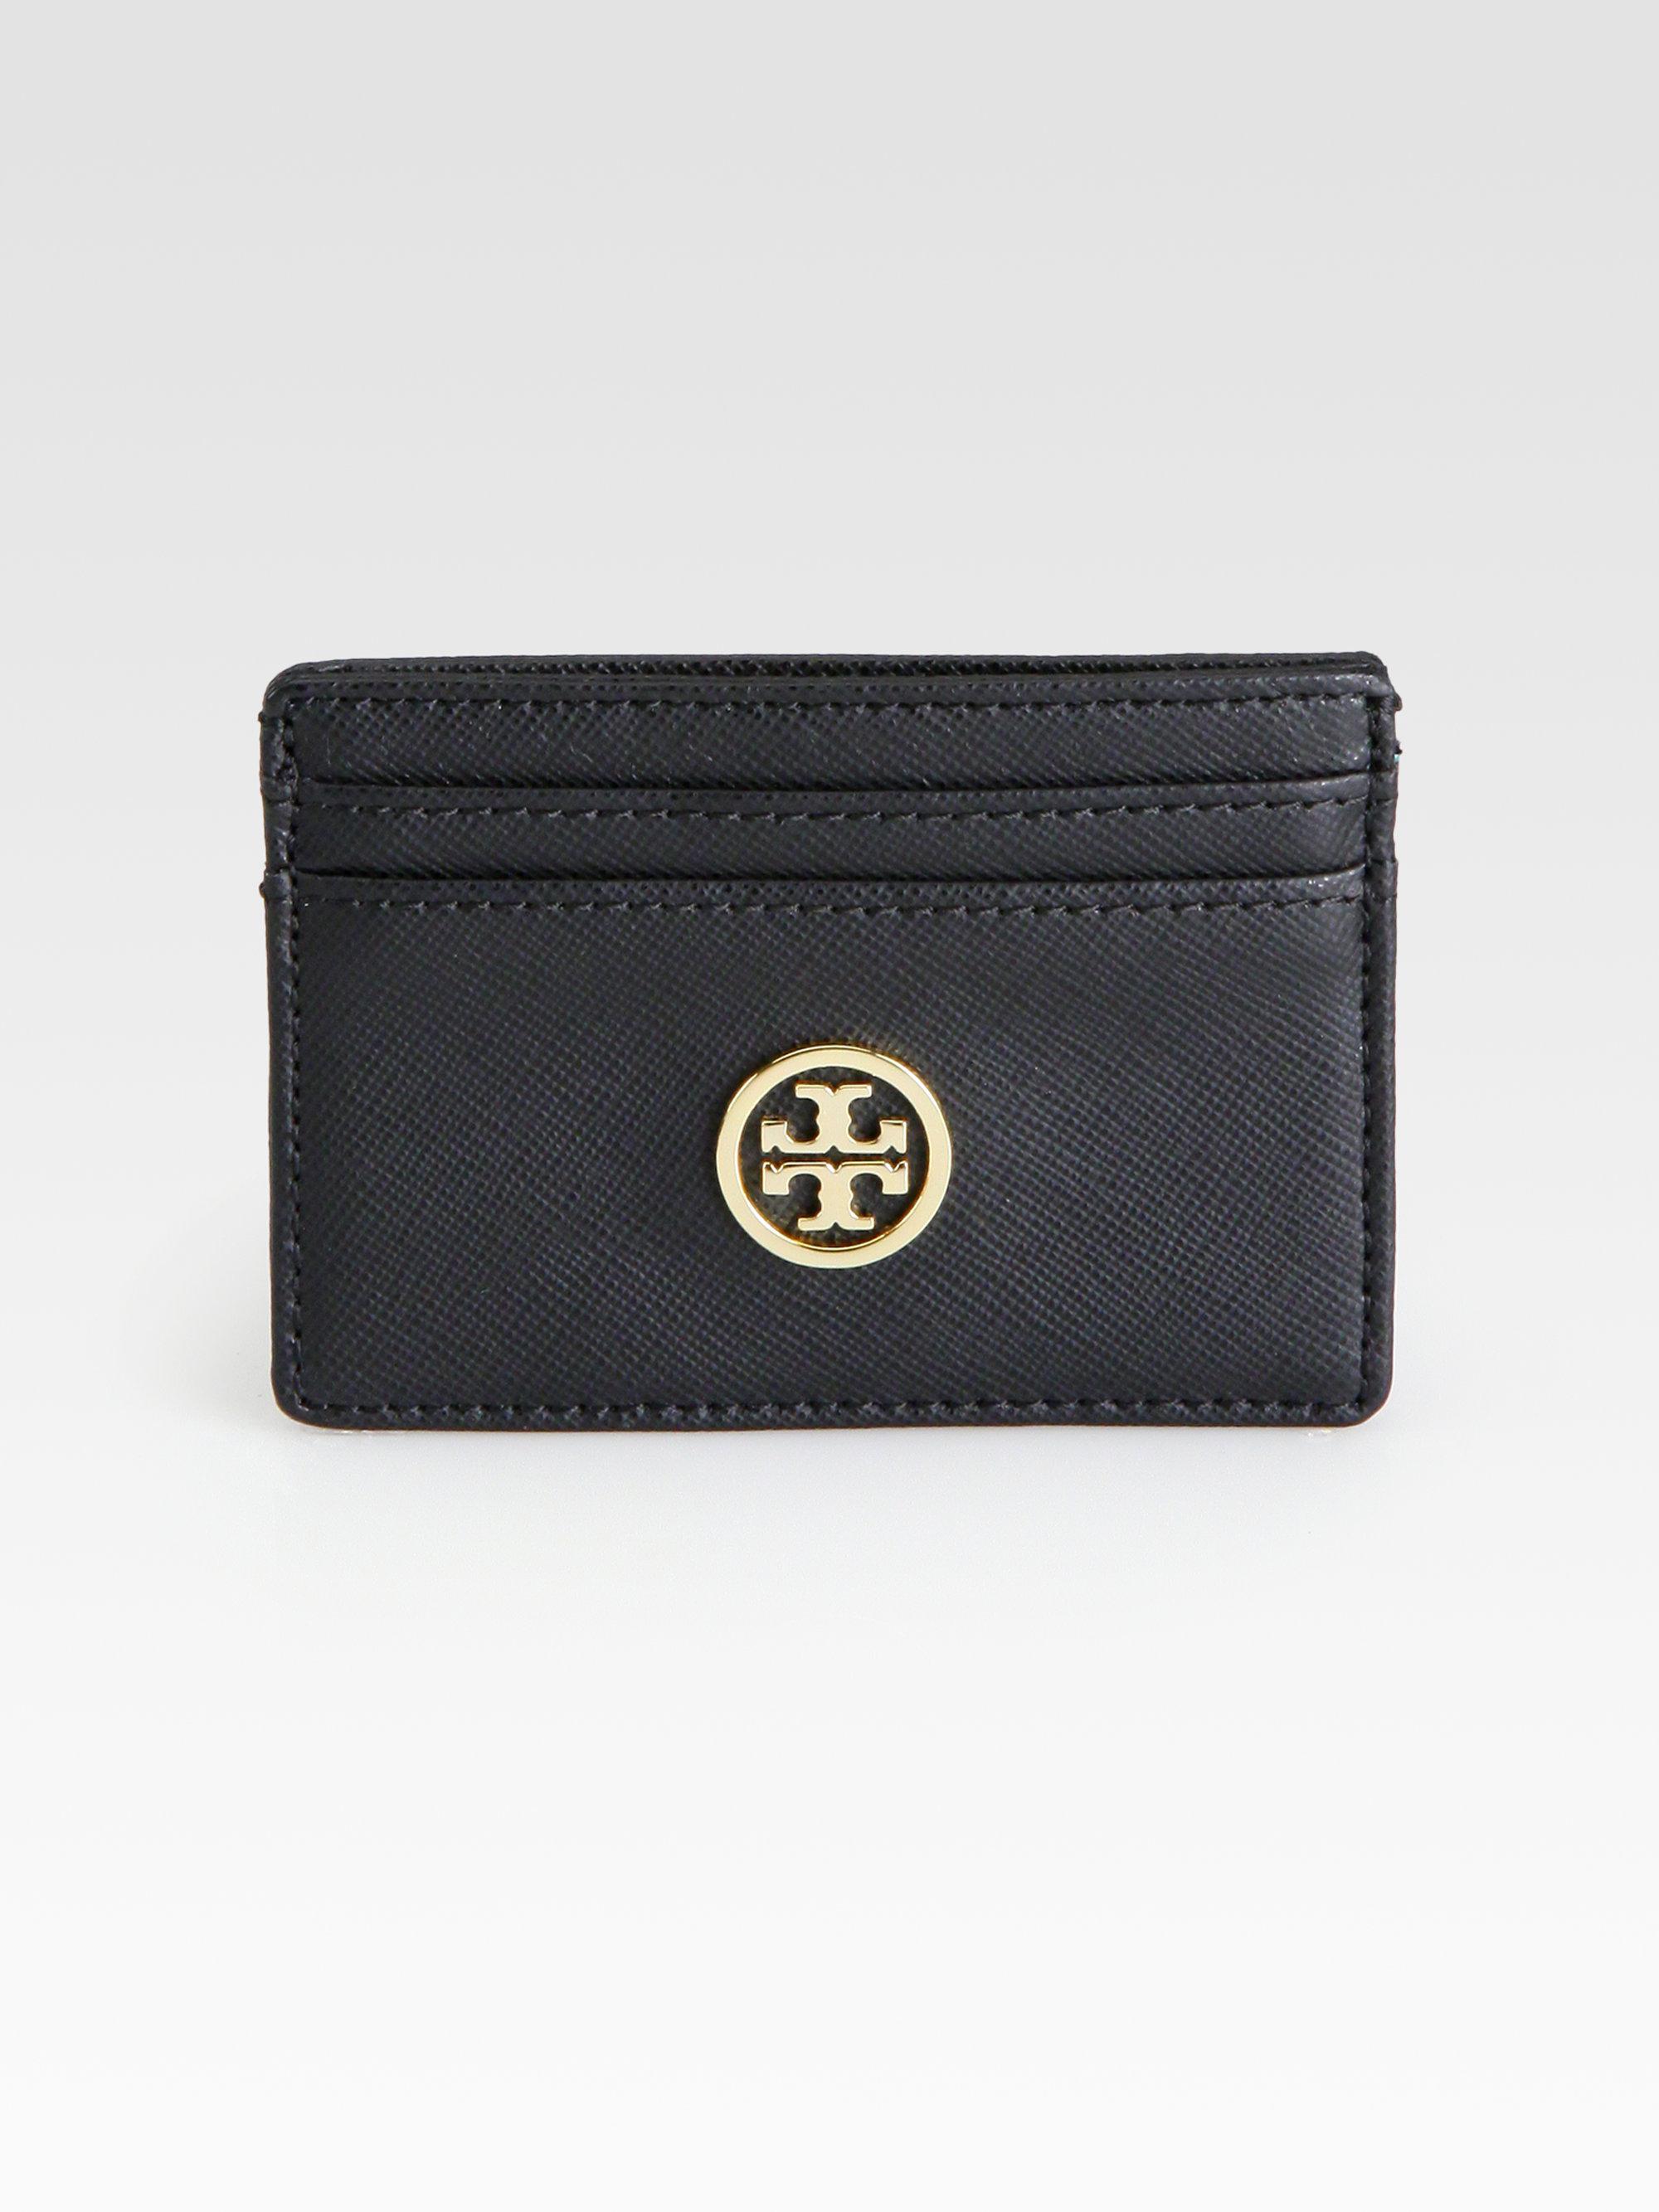 quality design 60cb4 64e85 Tory Burch Black Robinson Slim Card Case